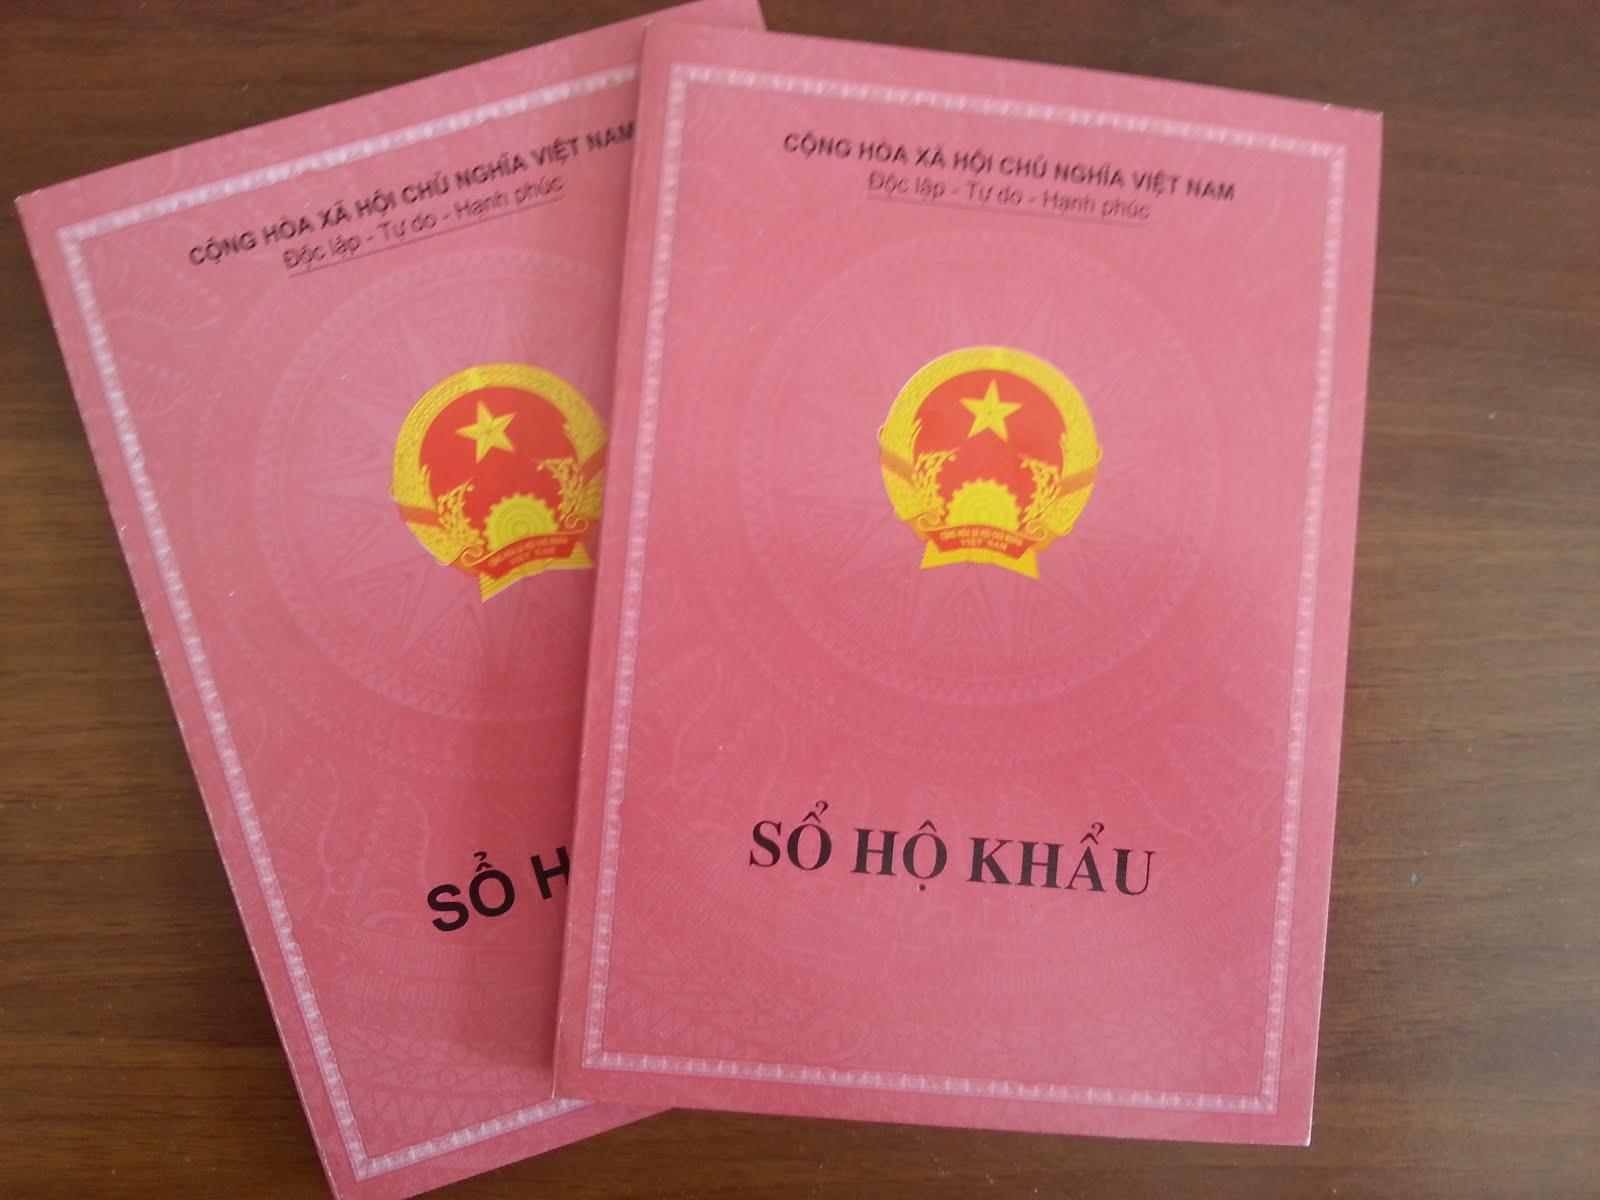 Thủ tục tách khẩu tại Hà Nội 2019